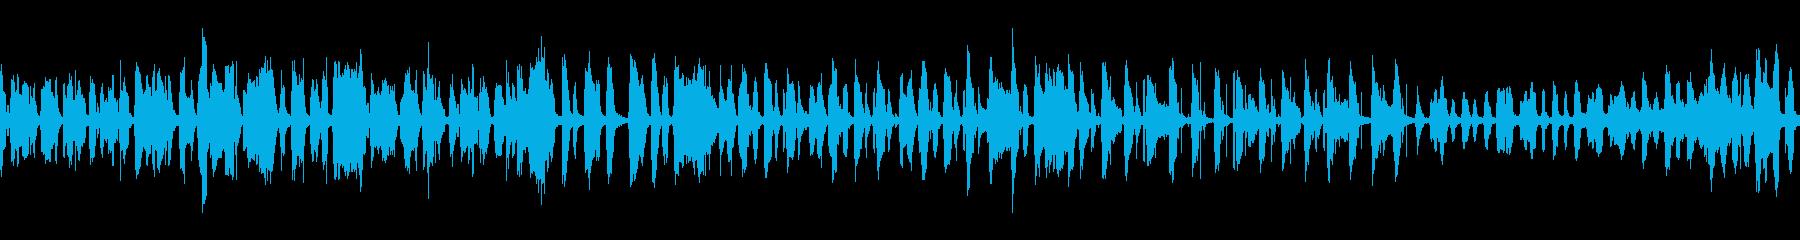 ほのぼの・のんびり・動物(ループ)の再生済みの波形